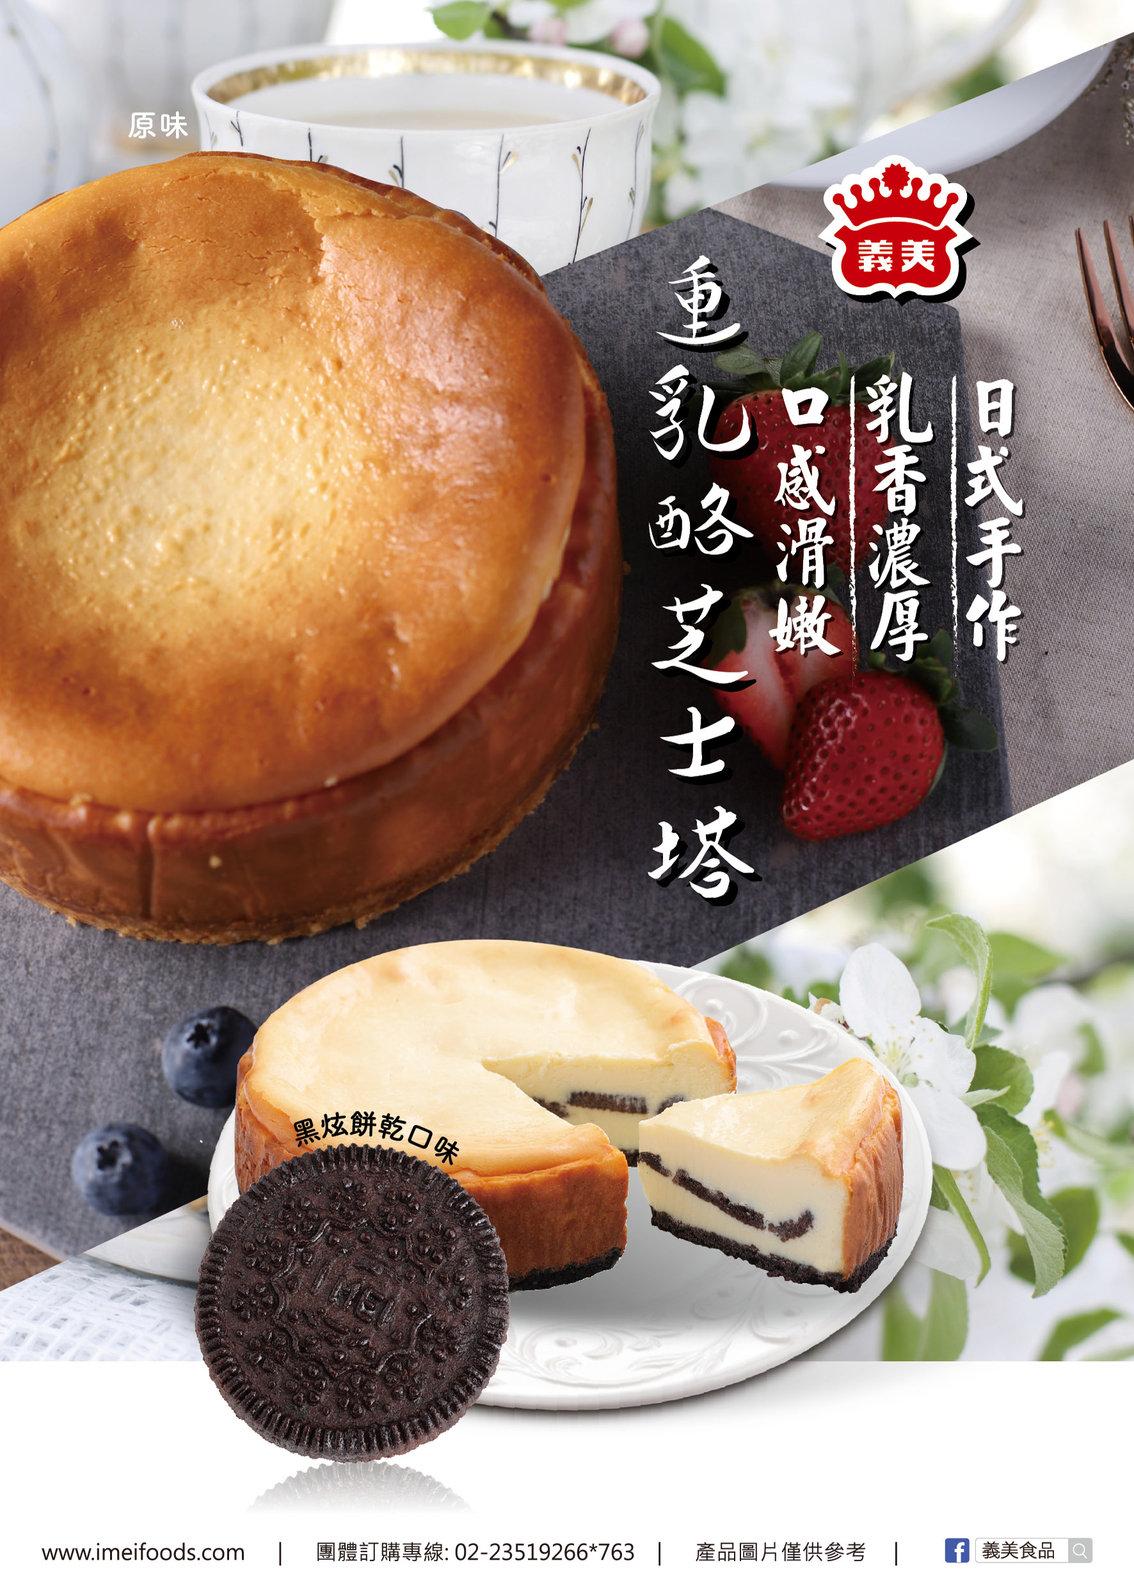 I-Mei Foods Co., Ltd.